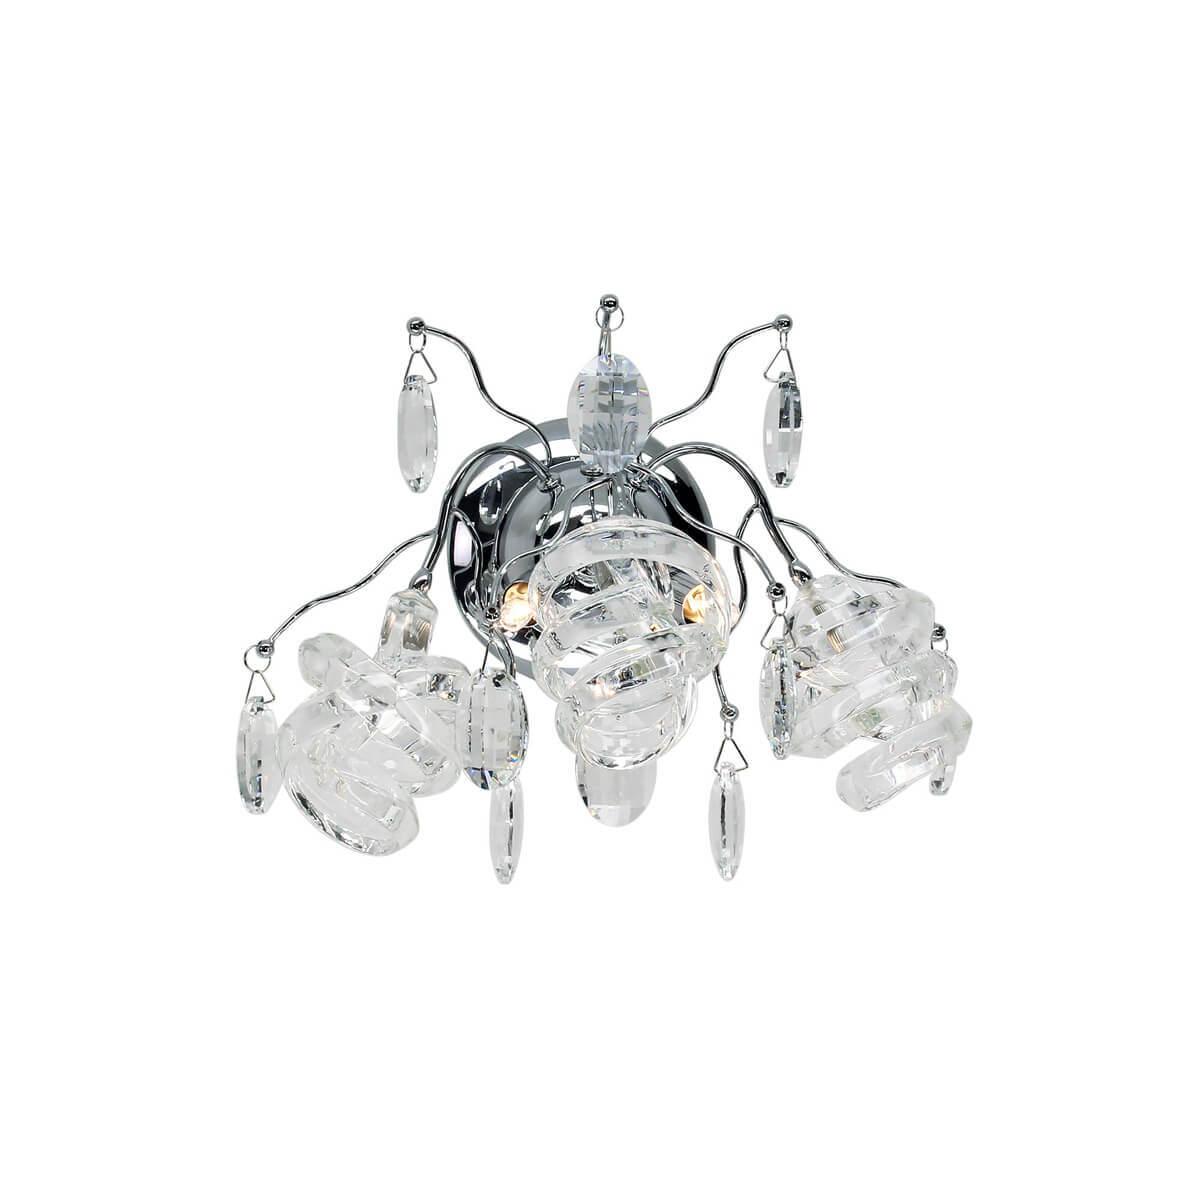 Бра Citilux Vortice EL333W02.1 цена в Москве и Питере